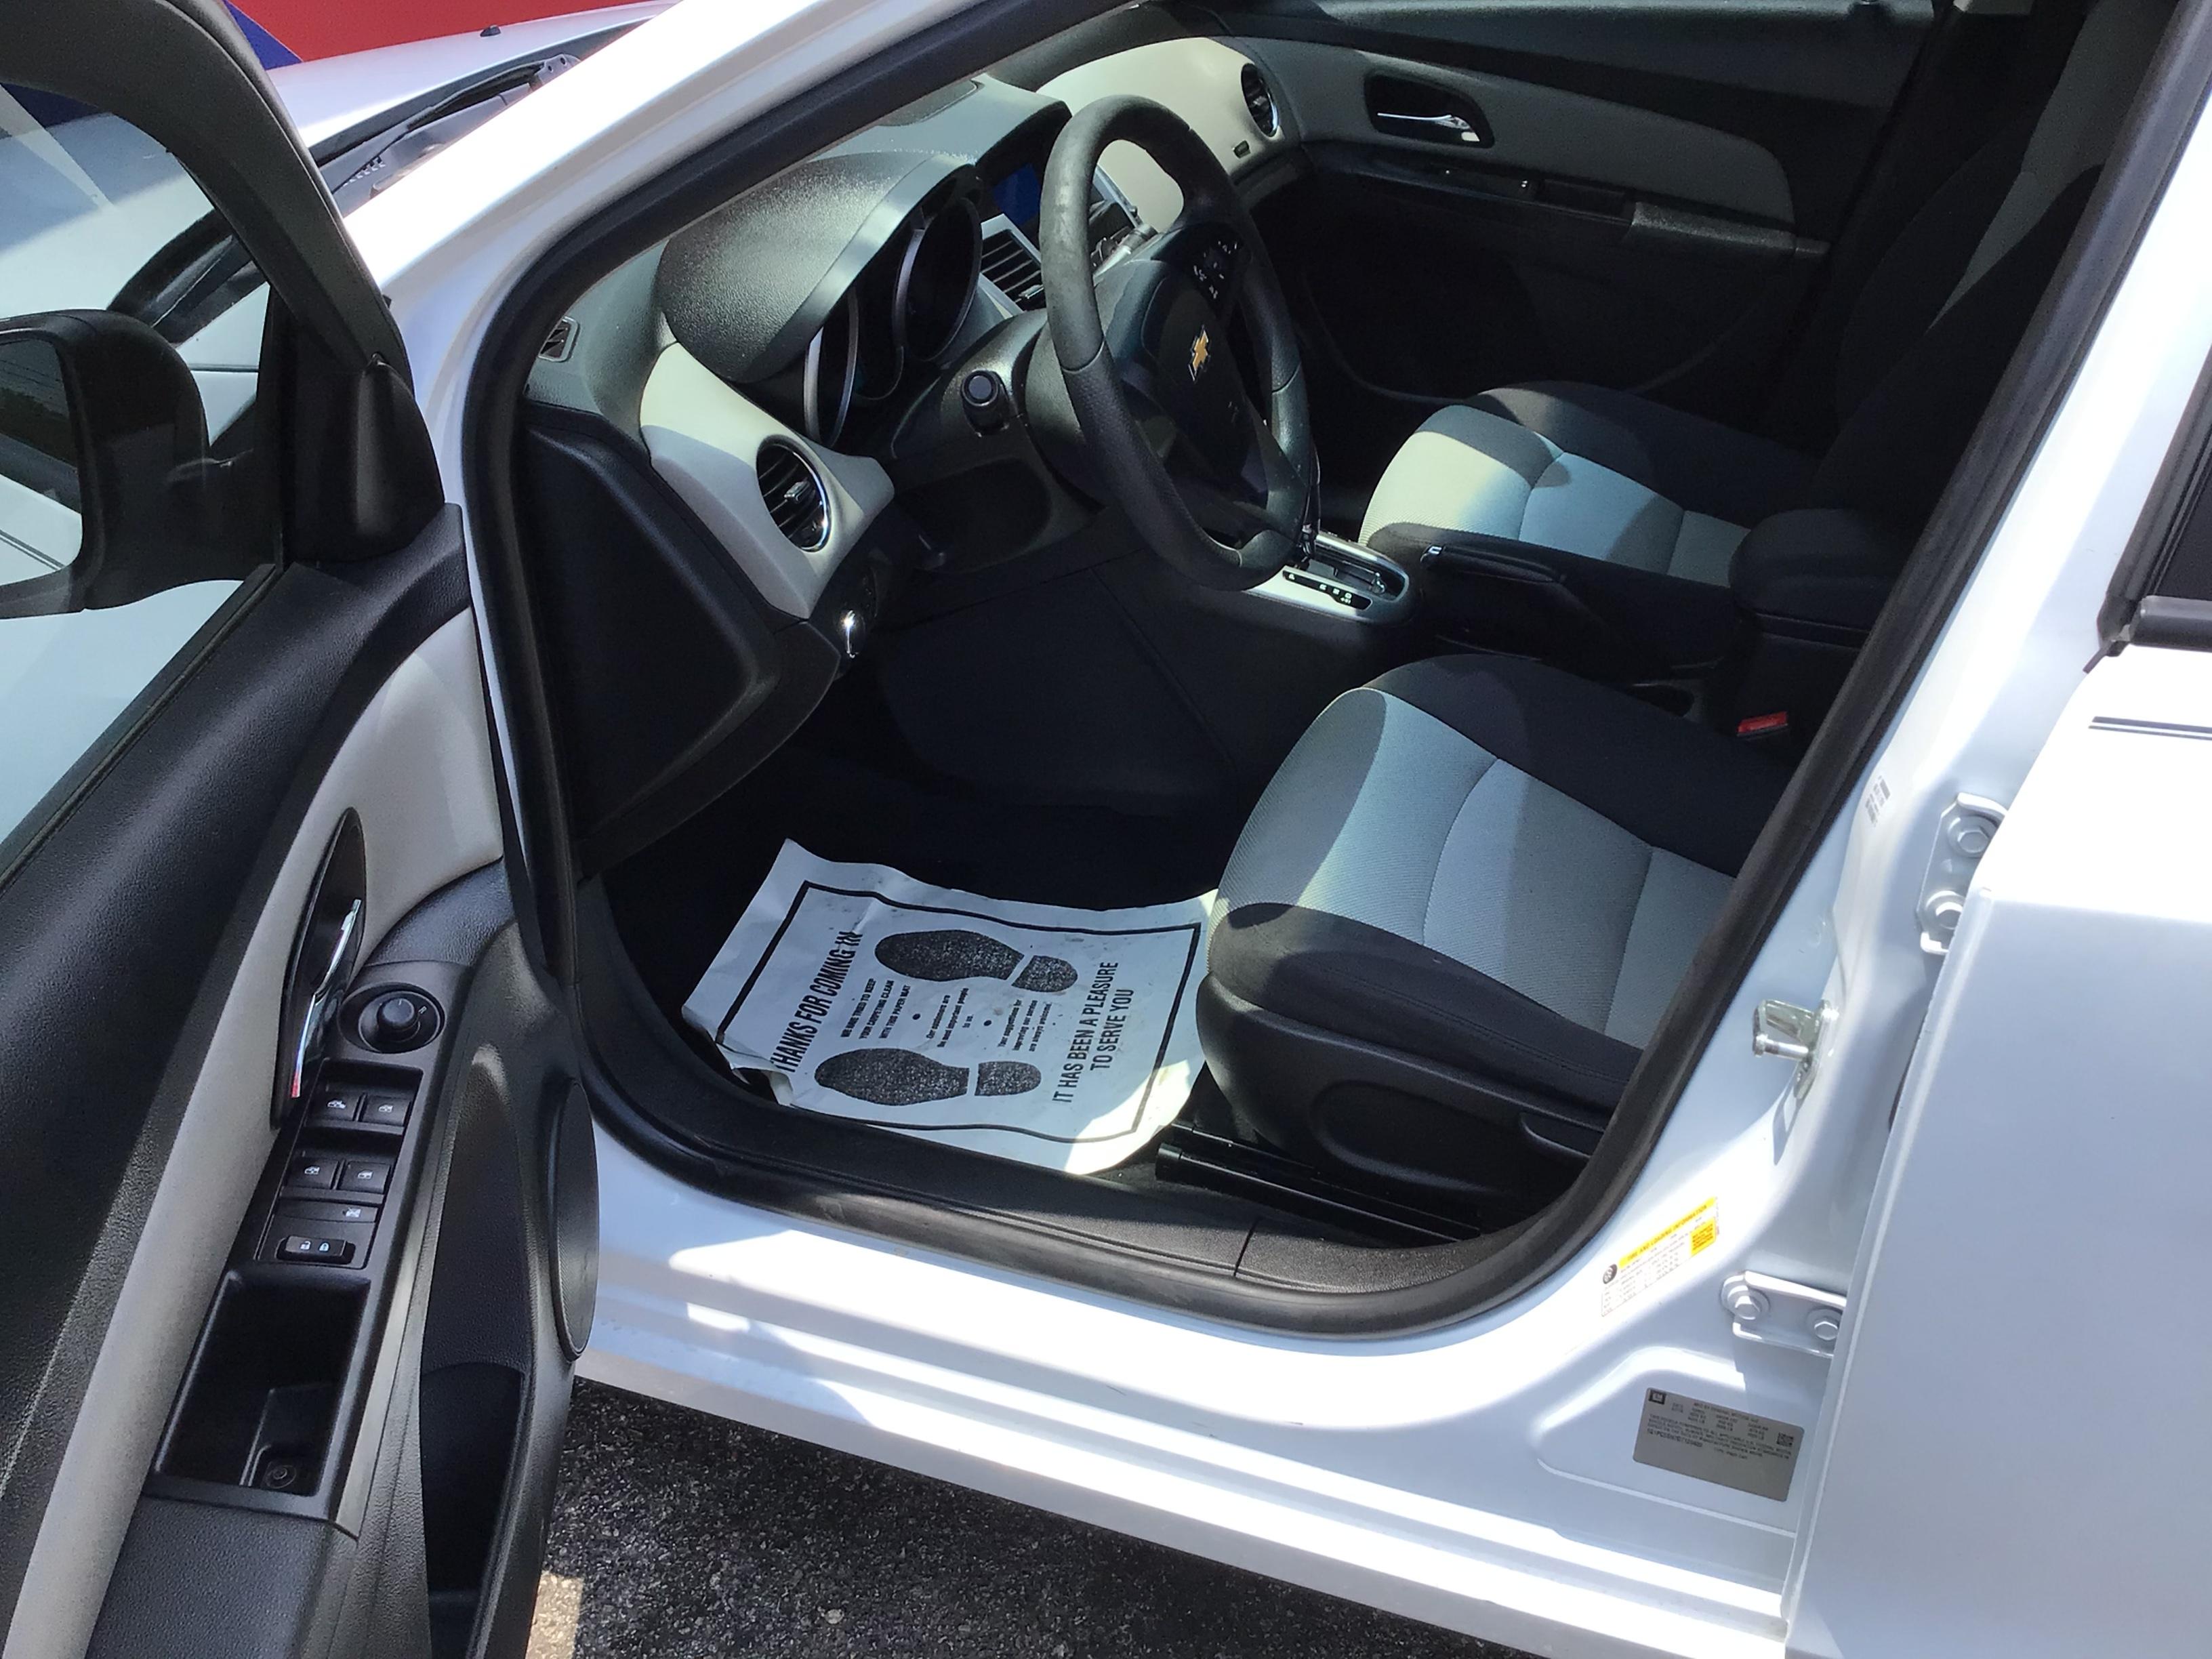 used vehicle - Sedan CHEVROLET CRUZE LIMITED 2016